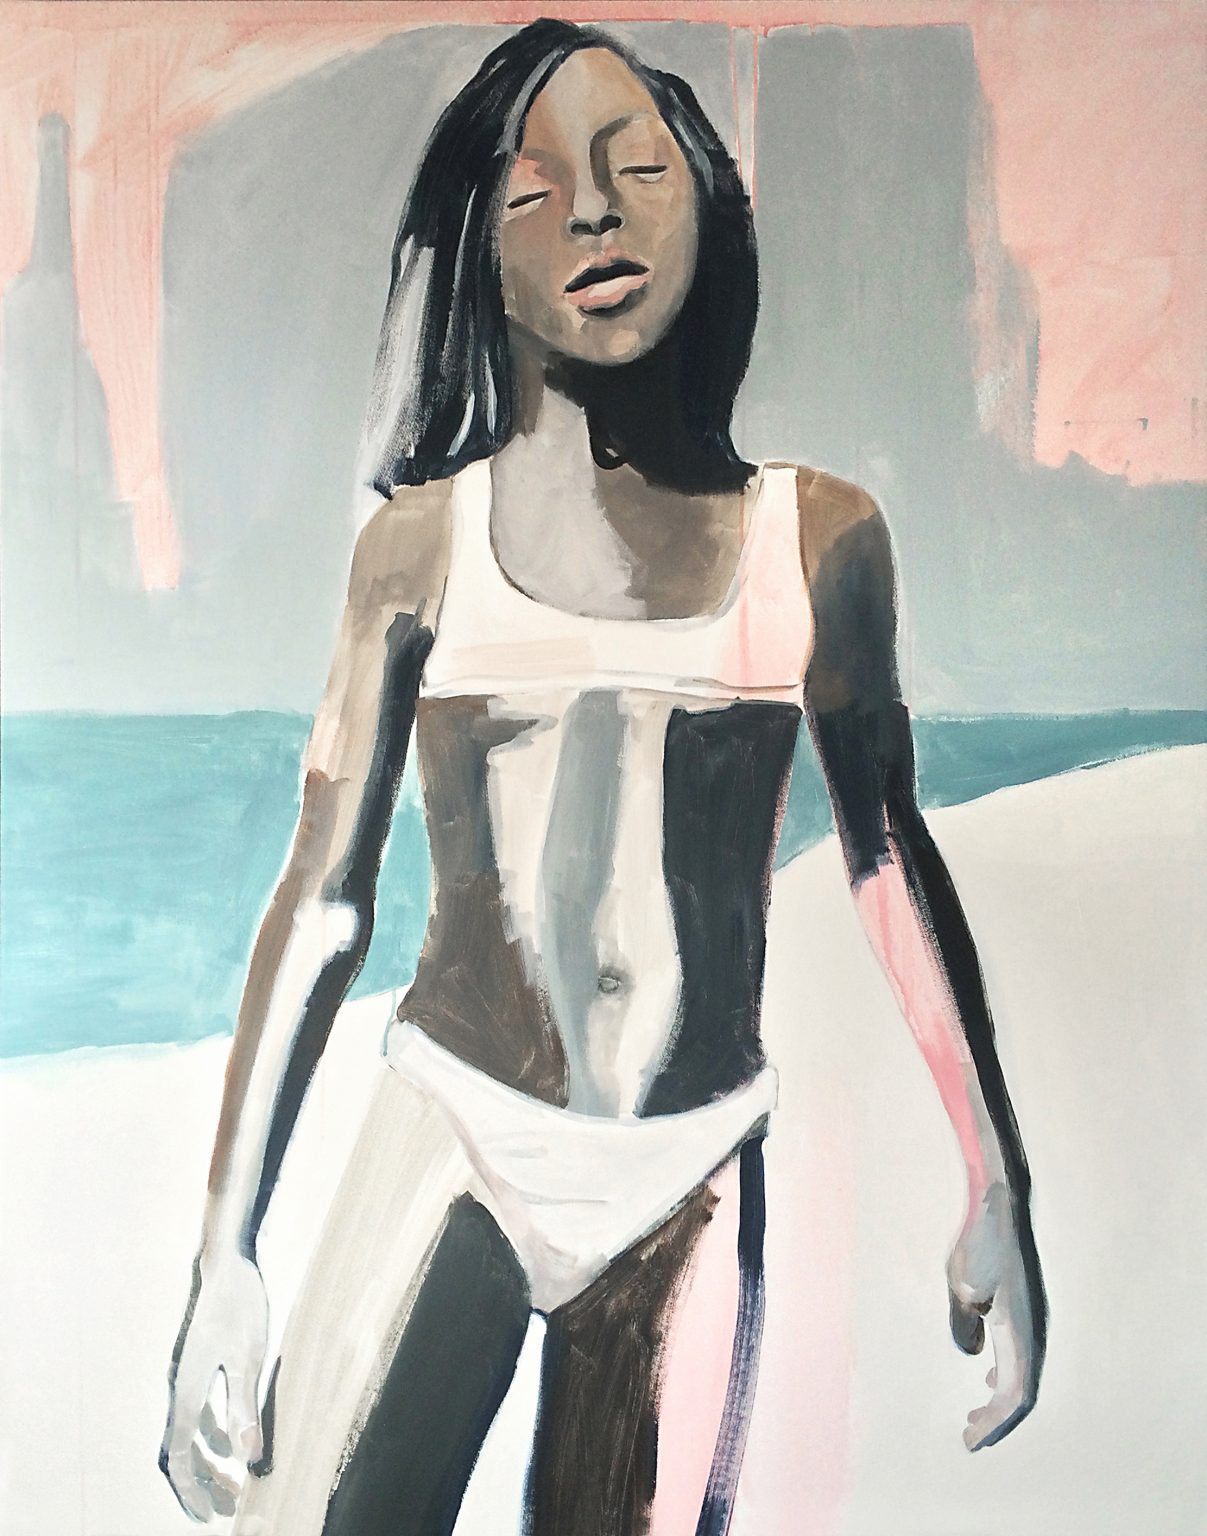 Sand 140x110 cm acrylics on canvas